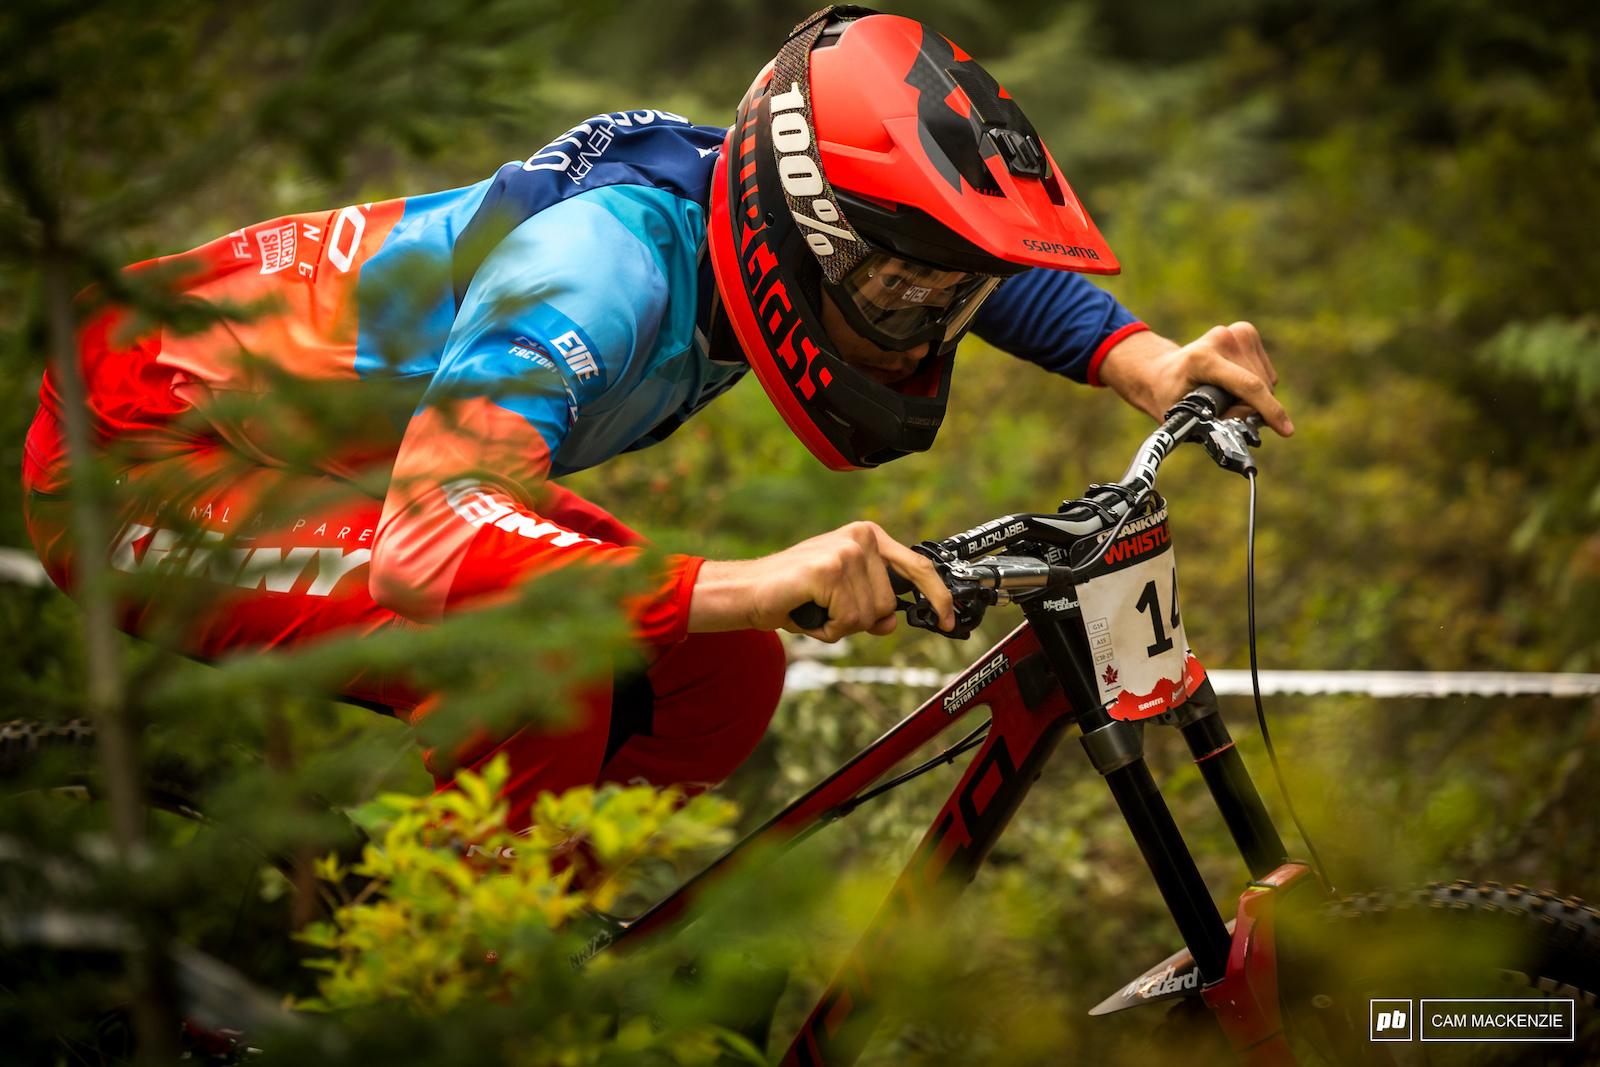 Блог компании Триал-Спорт: Райдеры Norco на Crankworx Whistler